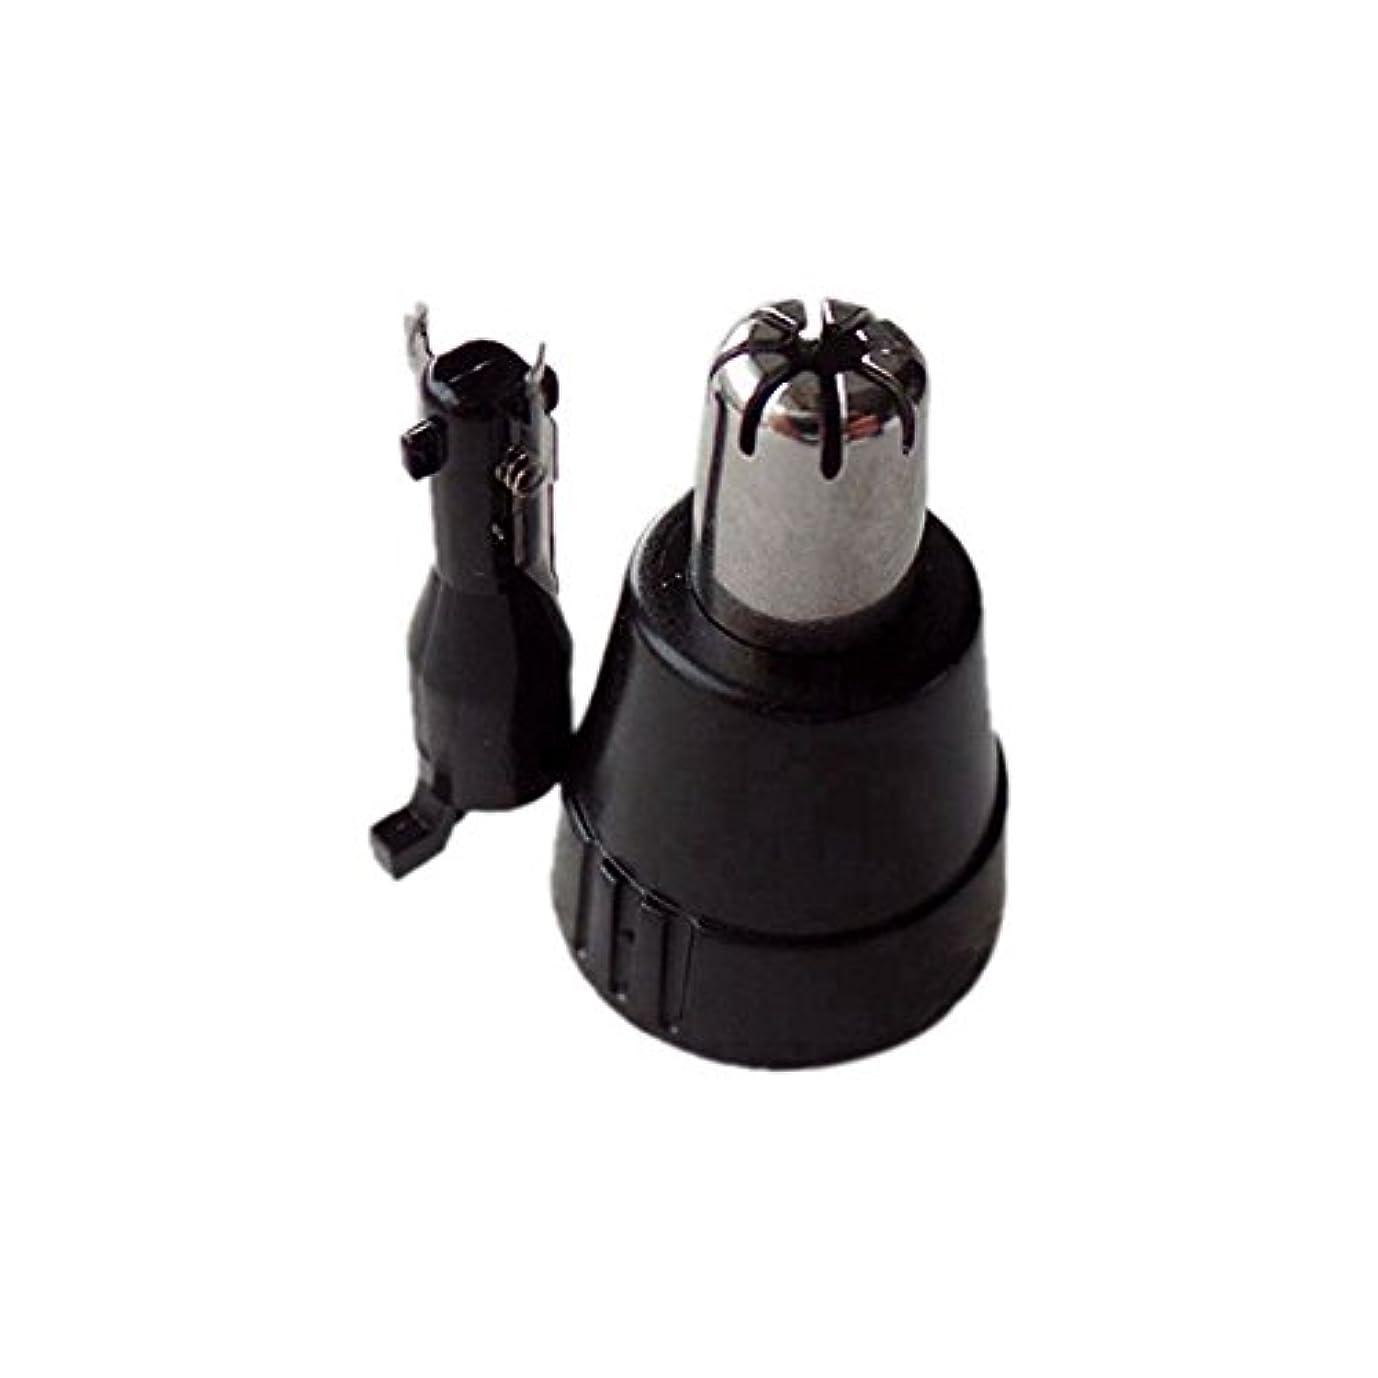 医療の苛性不器用Xinvision 鼻毛カッター 交代パーツ 交代品 内刃 外刃 替刃 耐用 for Panasonic 鼻毛カッター ER-GN30/-GN10